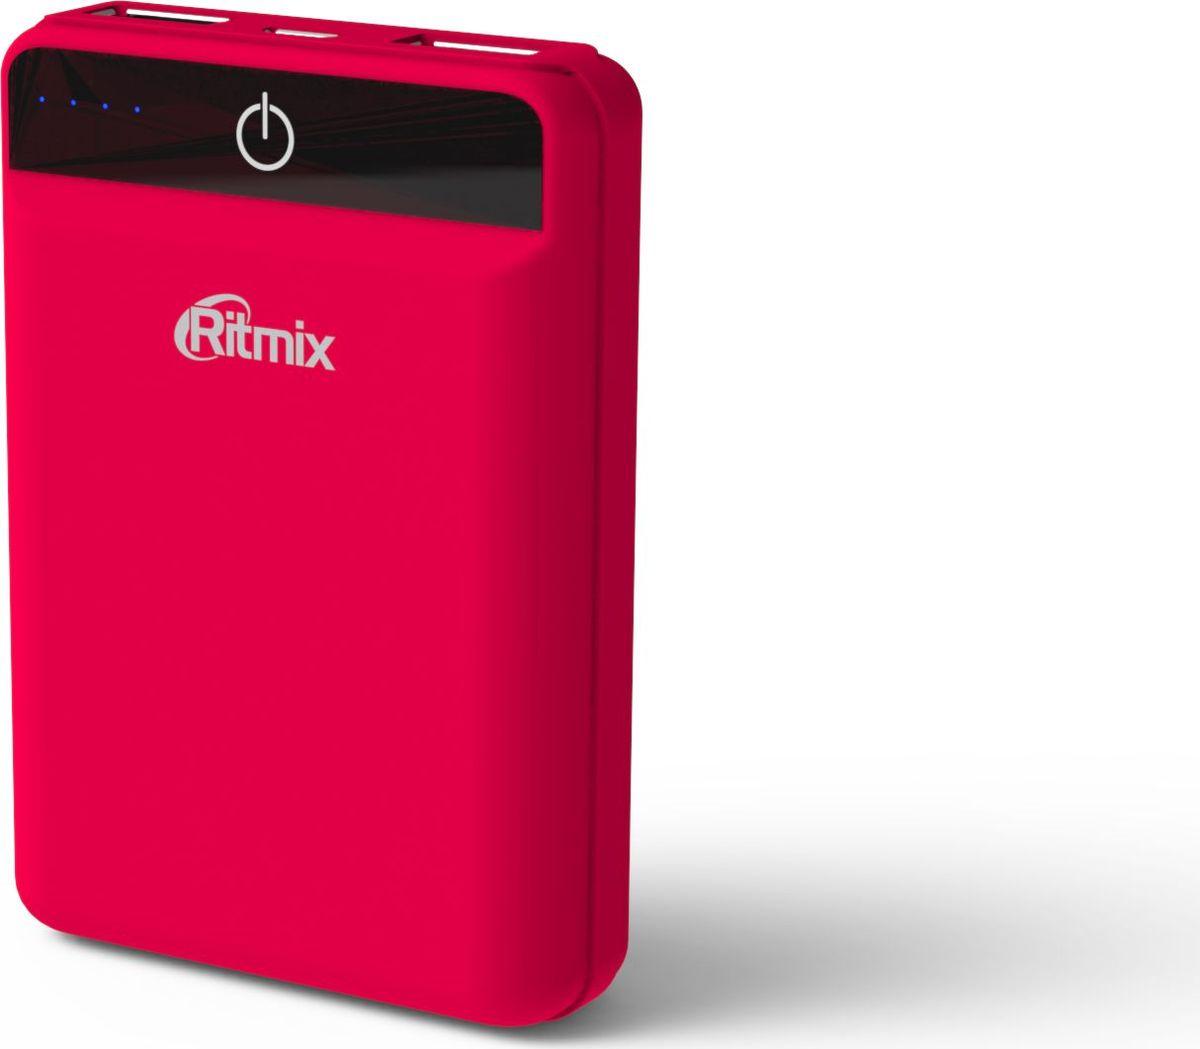 Ritmix RPB-10003L, Coral внешний аккумулятор (10000 мАч)15119475Ritmix RPB-10003L - это самый компактный в своем классе Power Bank с емкостью 10 000 мАч, предназначенный для зарядки мобильных телефонов, смартфонов, планшетов, MP3-плееров и любой другой техники с возможностью питания от USB-порта.Устройство оснащено двумя USB-портами до 2100 мА каждый (суммарно до 2,4 А) и микросхемой Smart IC, обеспечивая оптимальное питание и для старенького сотового телефона, и для новейшего планшета. Имеет мощный аккумулятор емкостью ресурсом не менее 500 циклов, а также LED-индикатор заряда.